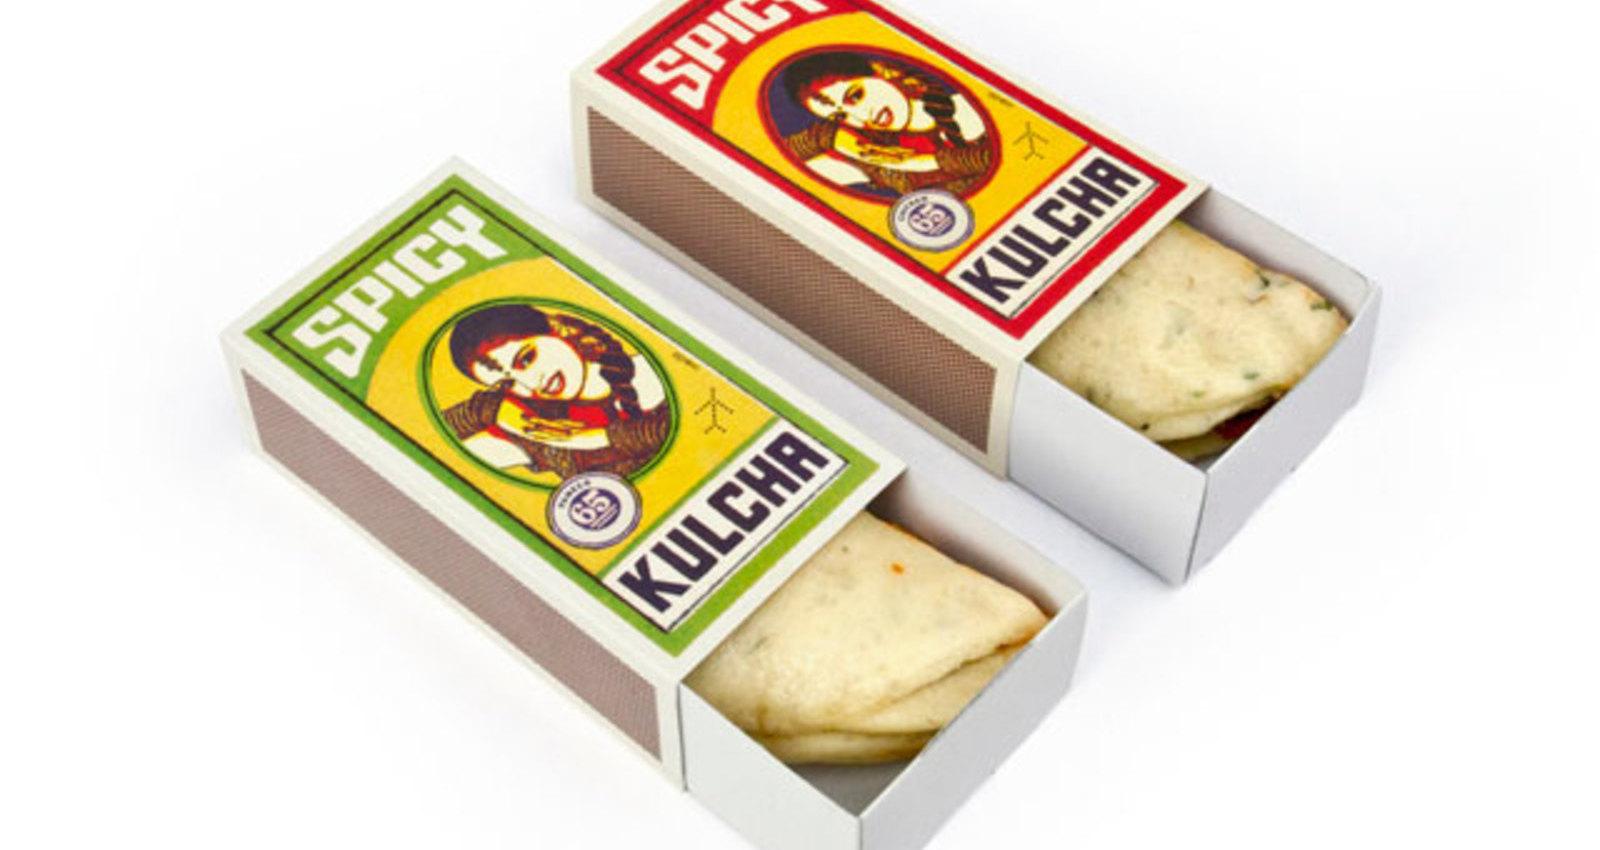 Onboard Food Packaging